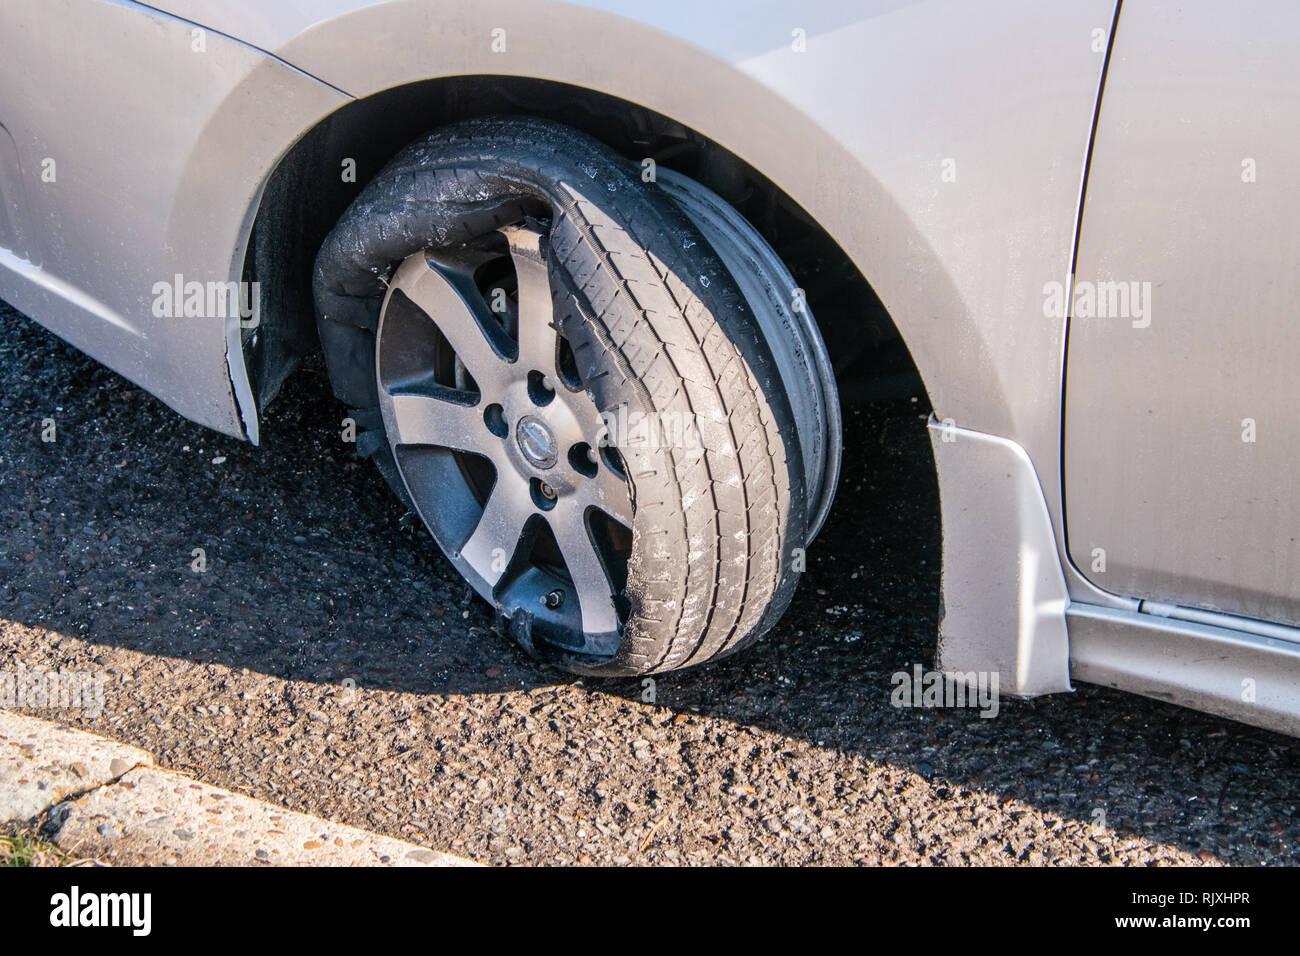 Pneumatico di una macchina che ha una espulsione con rim e danneggiamento auto. Il pneumatico è venuta fuori del cerchio. Pneumatico è su una vettura che è su una strada asfaltata Immagini Stock